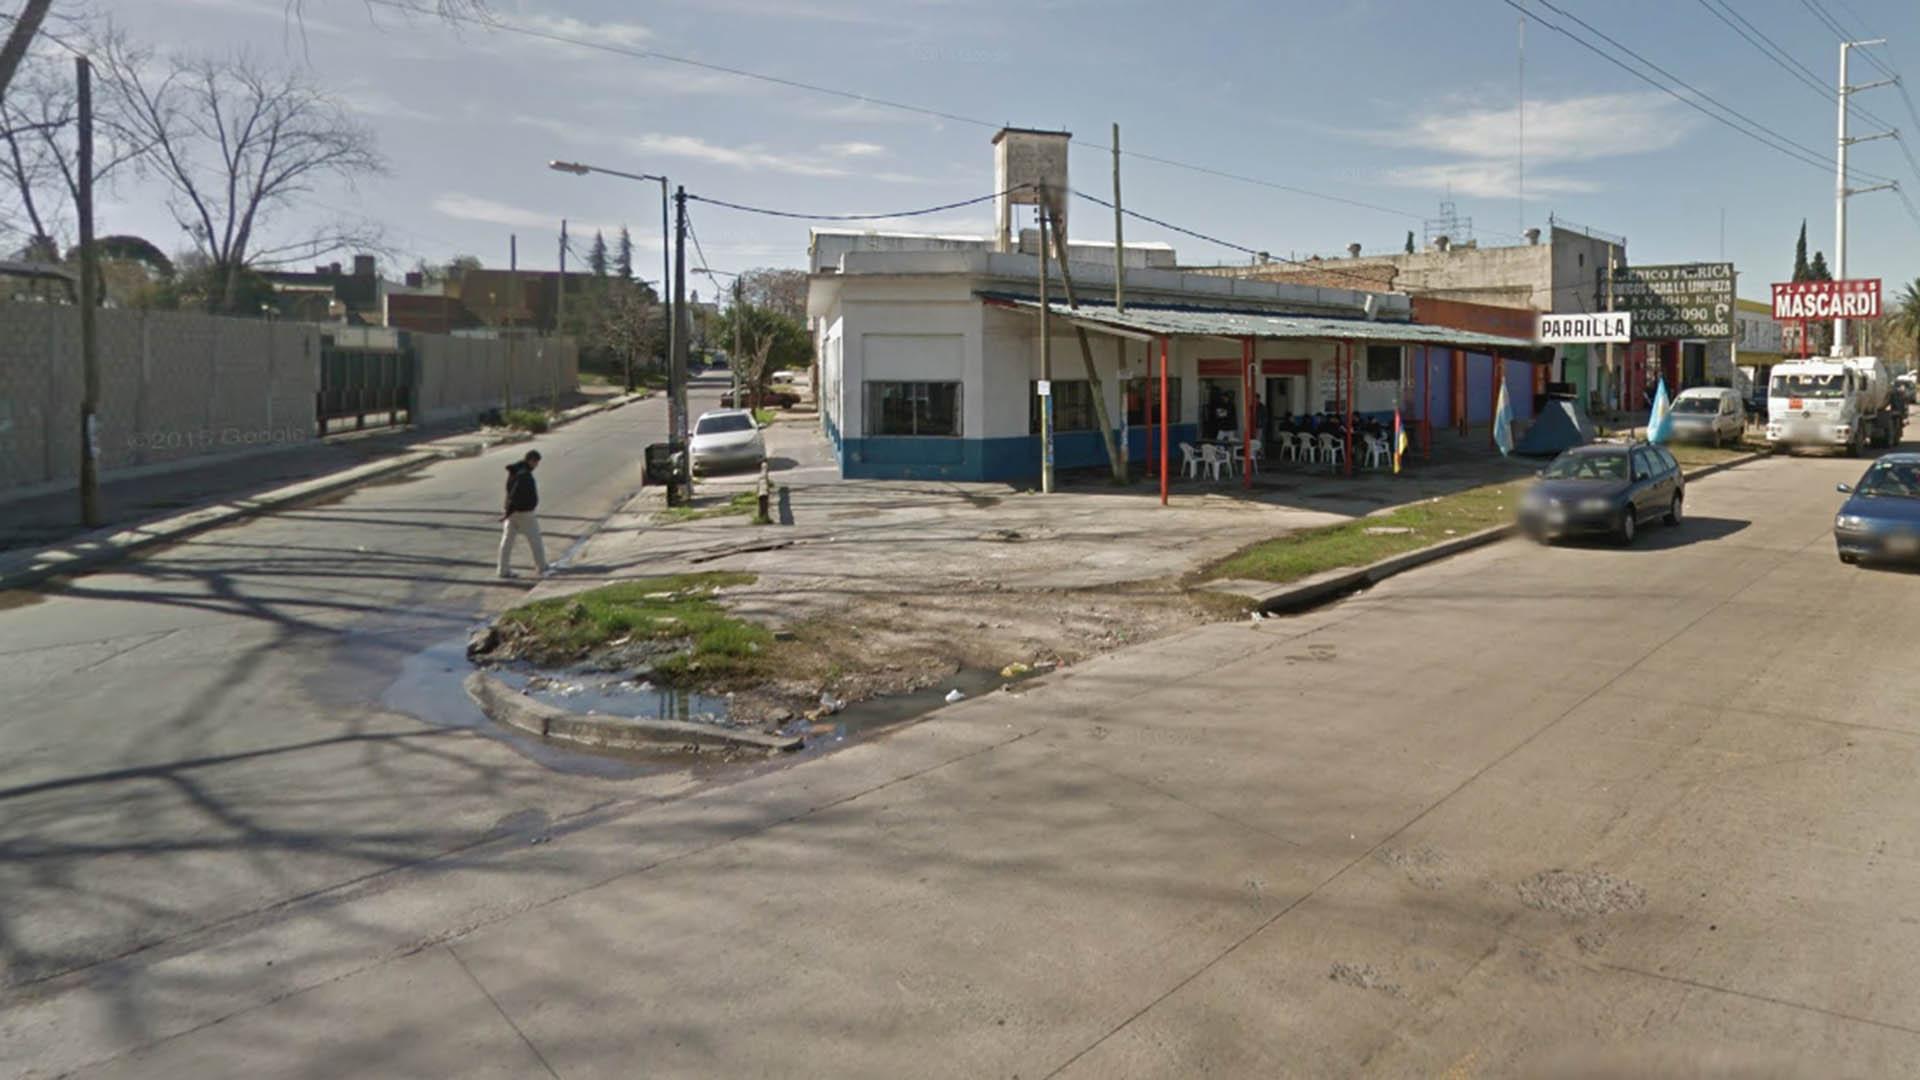 Una nena de un año murió tras ser atropellada cuando estaba en brazos de su madre. El hecho ocurrió ayer domingo por la noche en la intersección de Ruta 8 y calle Martín Fierro, en Billinghurst, partido de San Martín